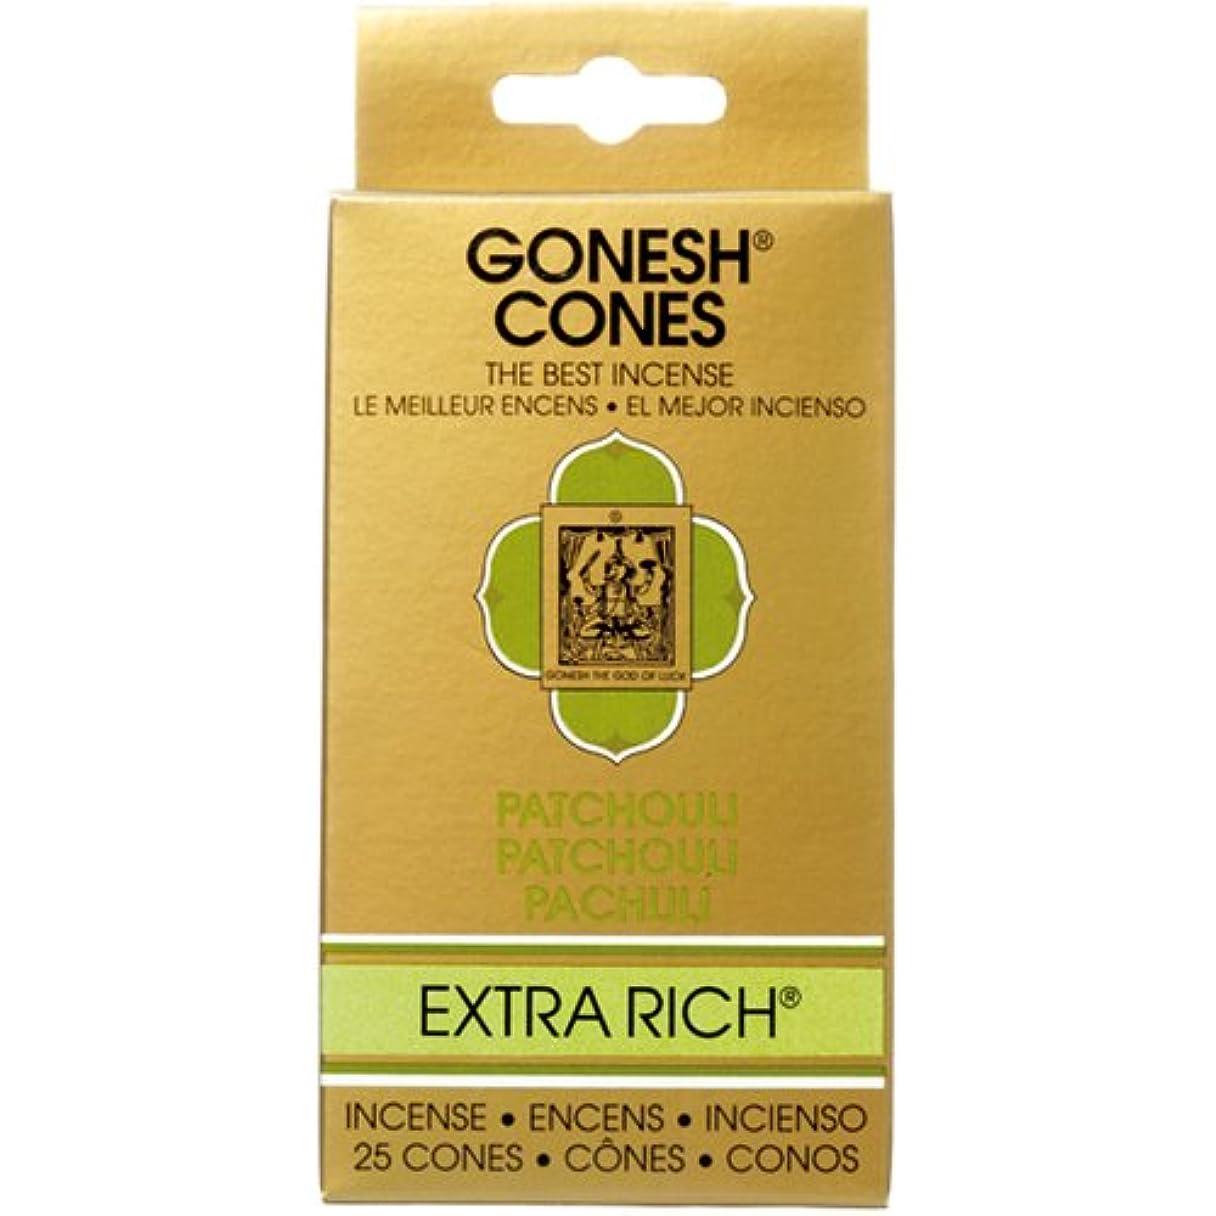 論文瞳指令ガーネッシュ(GONESH) エクストラリッチ インセンス コーン パチュリ 25個入(お香)